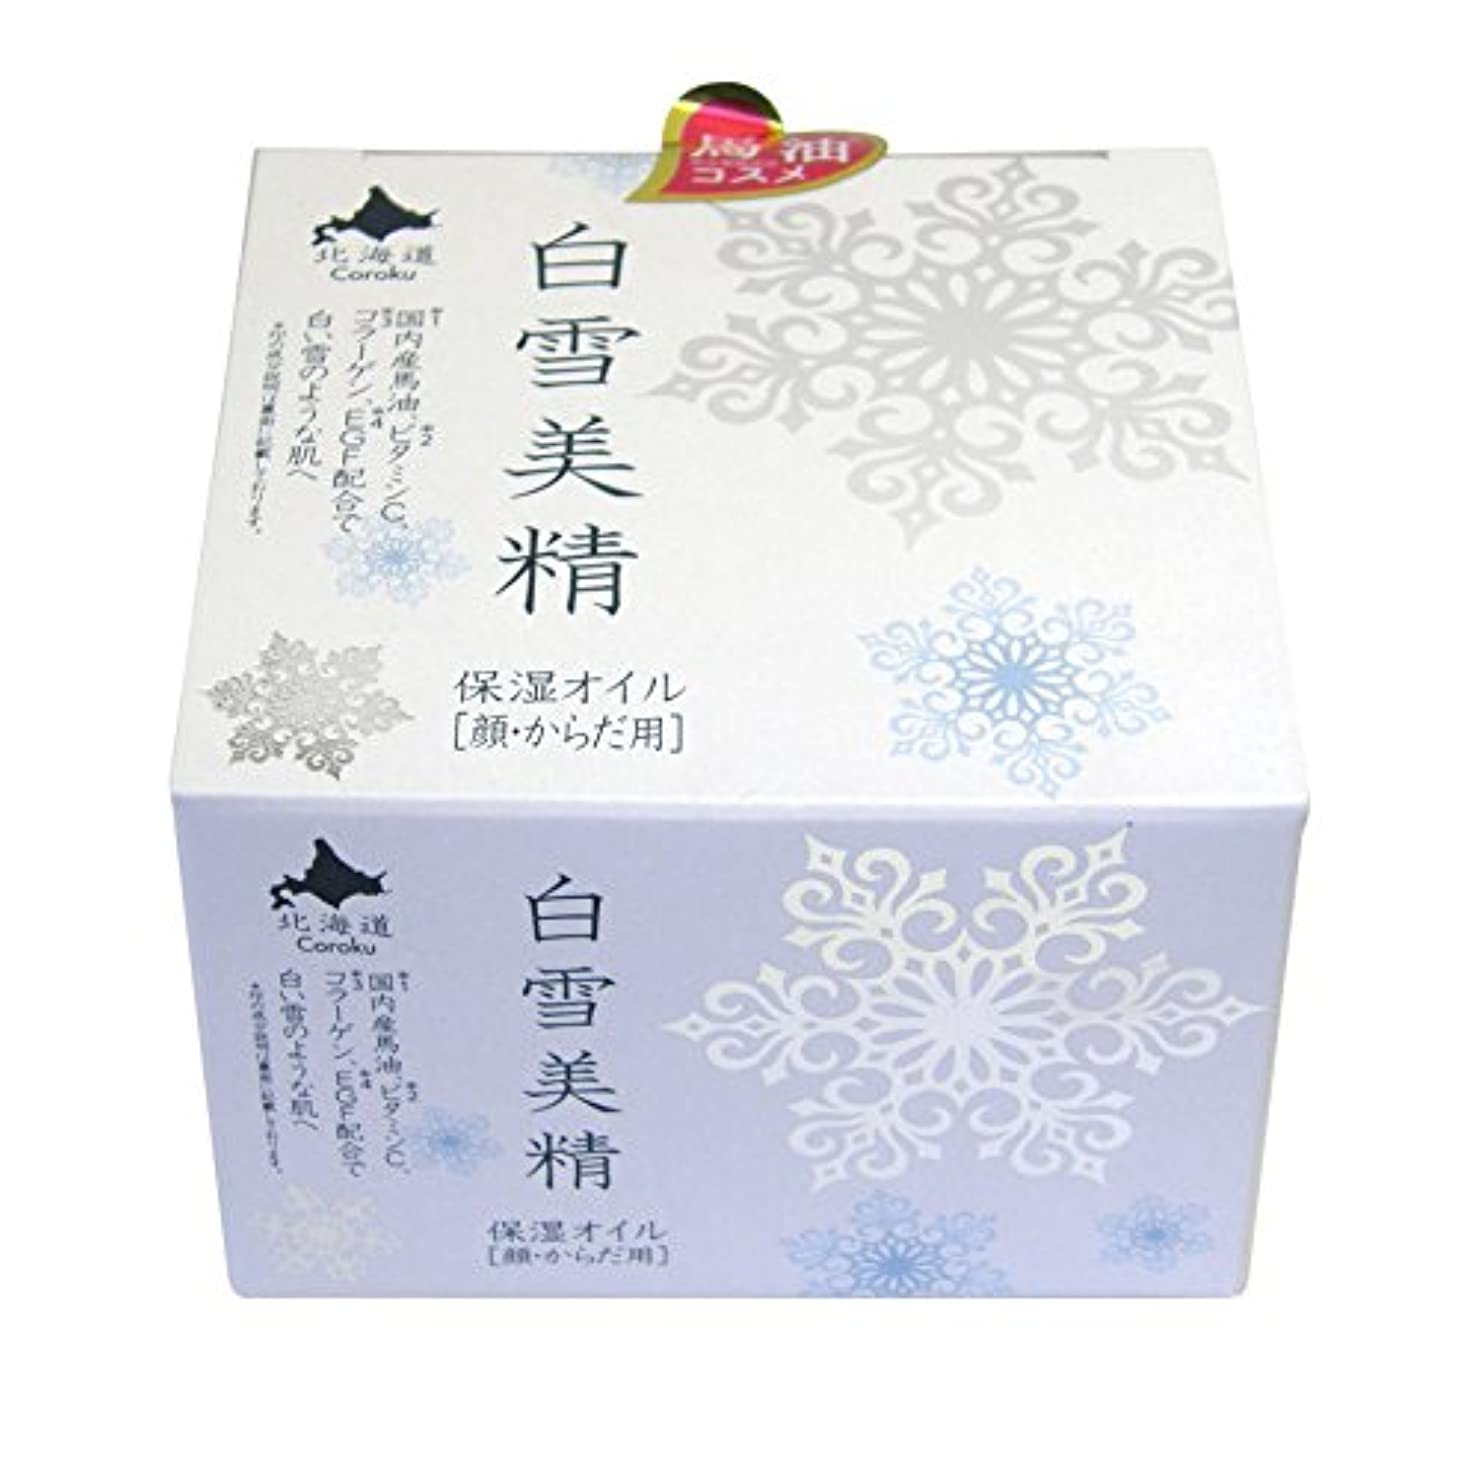 交換華氏日焼けCoroku 白雪美精保湿オイル(顔?からだ用) 100ml